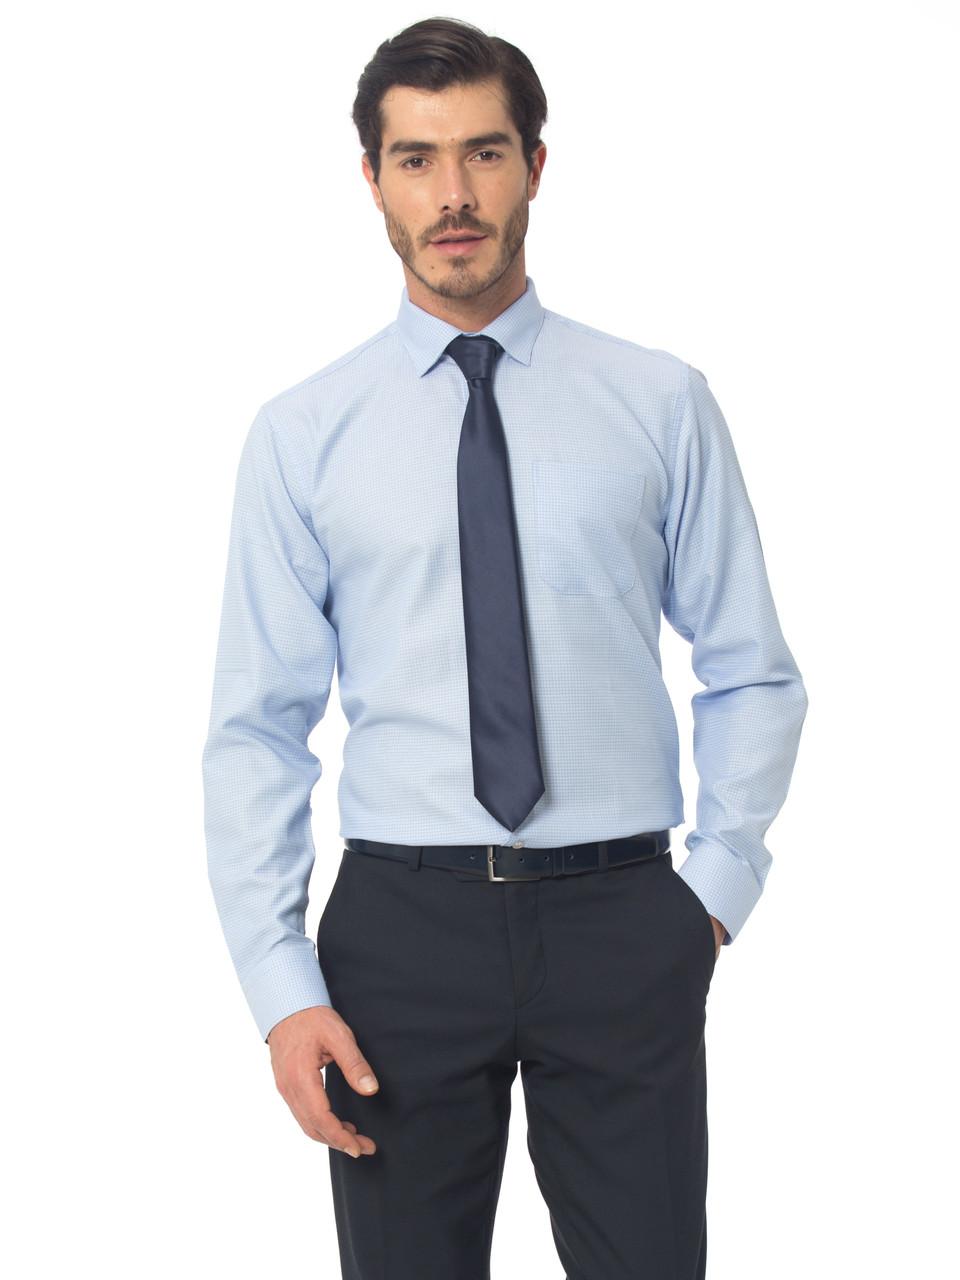 Голубая мужская рубашка Lc Waikiki / ЛС Вайкики в тонкую голубую полоску